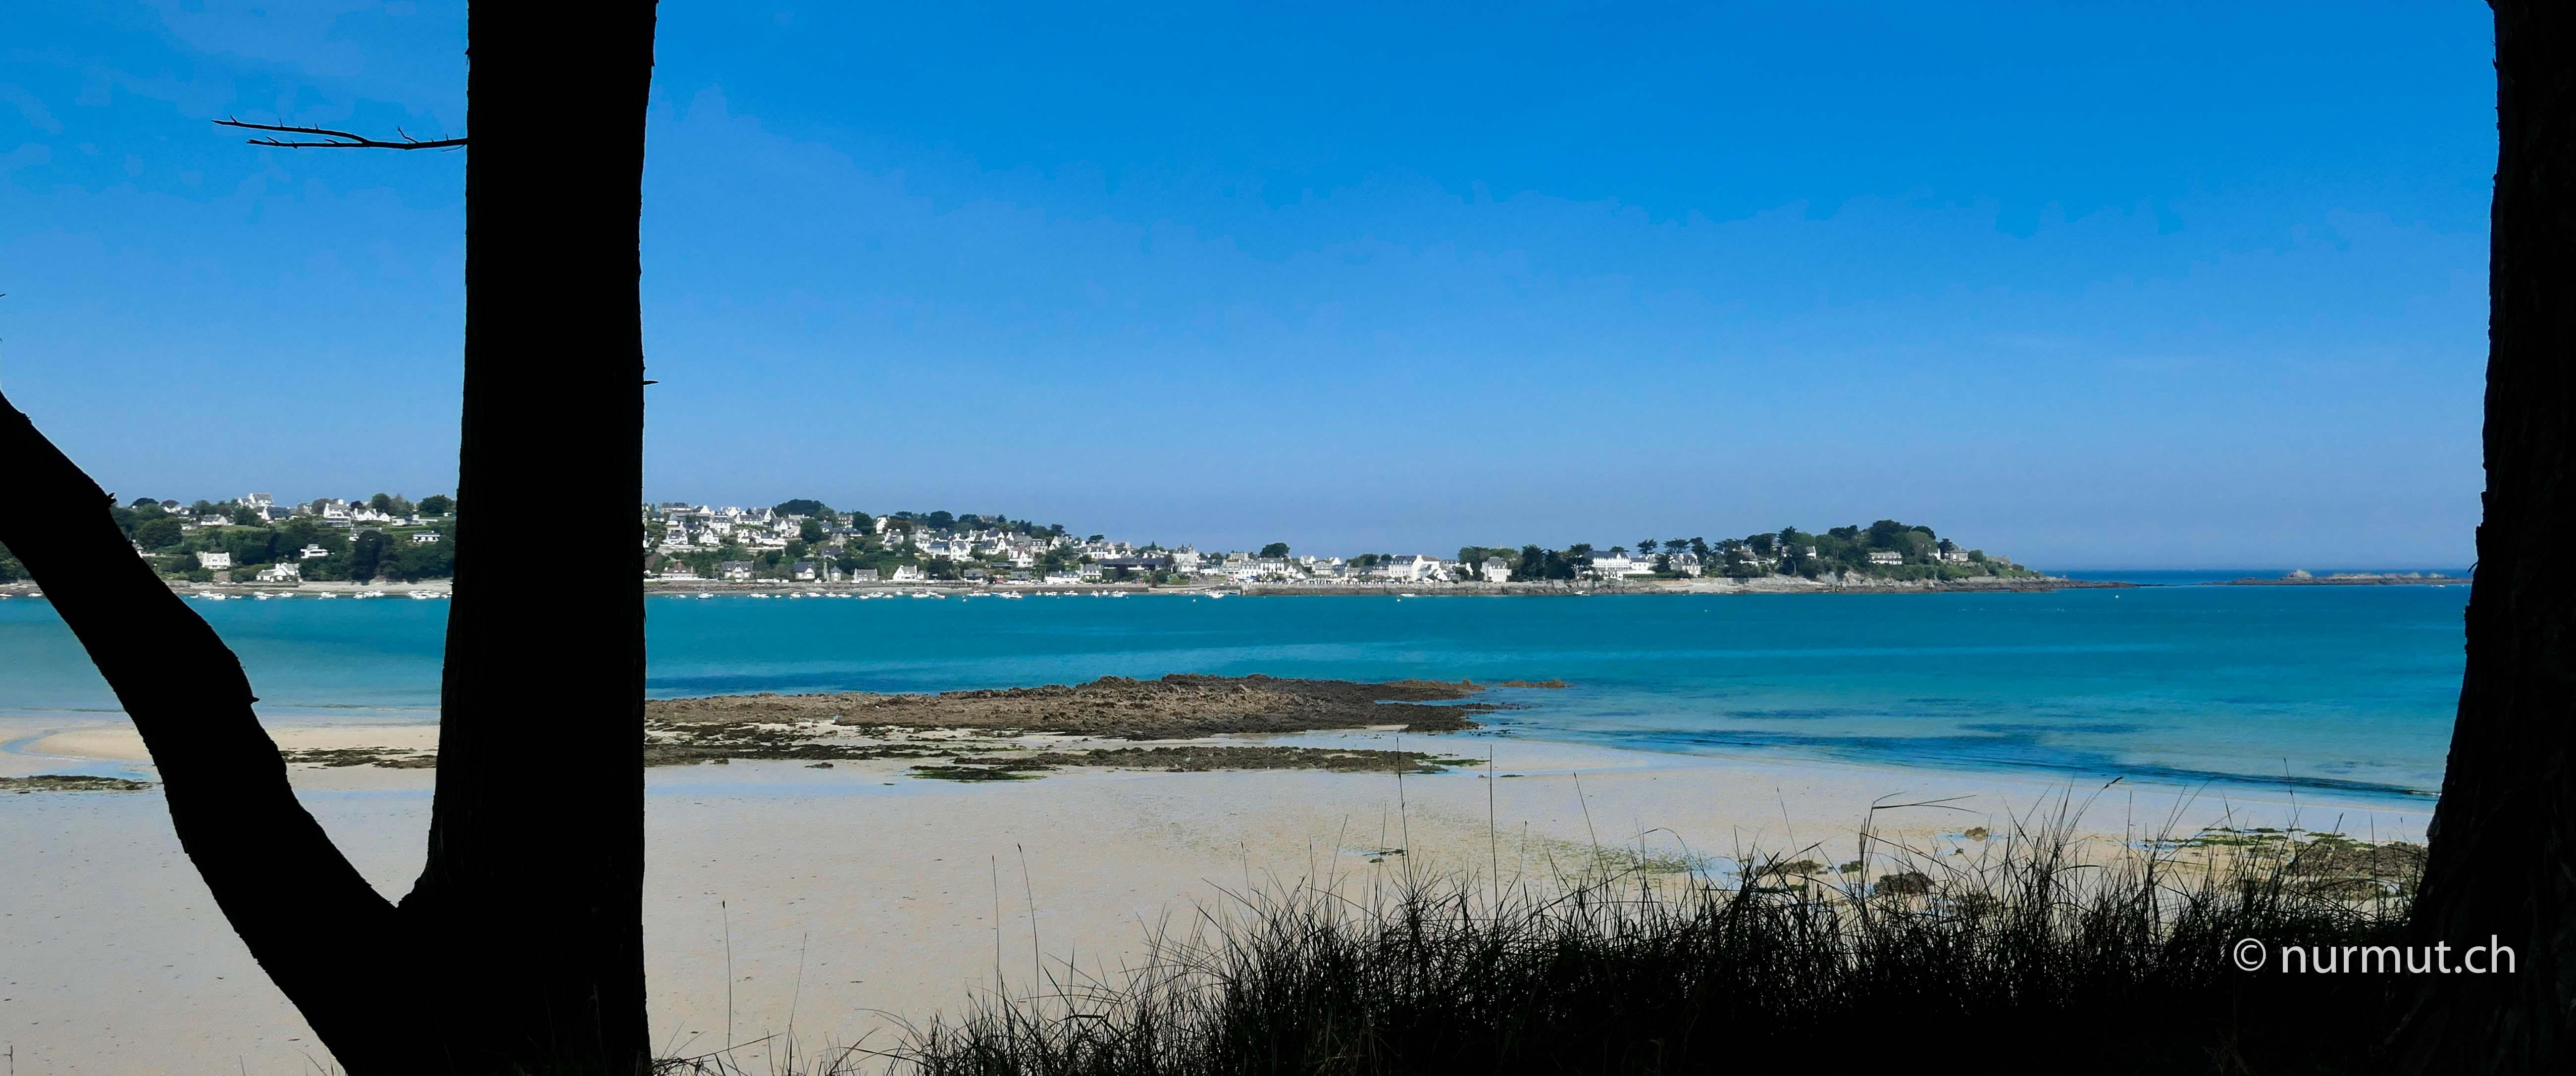 Bretagne-im-Winter-mit Wohnmobil-und-Hund-Küste